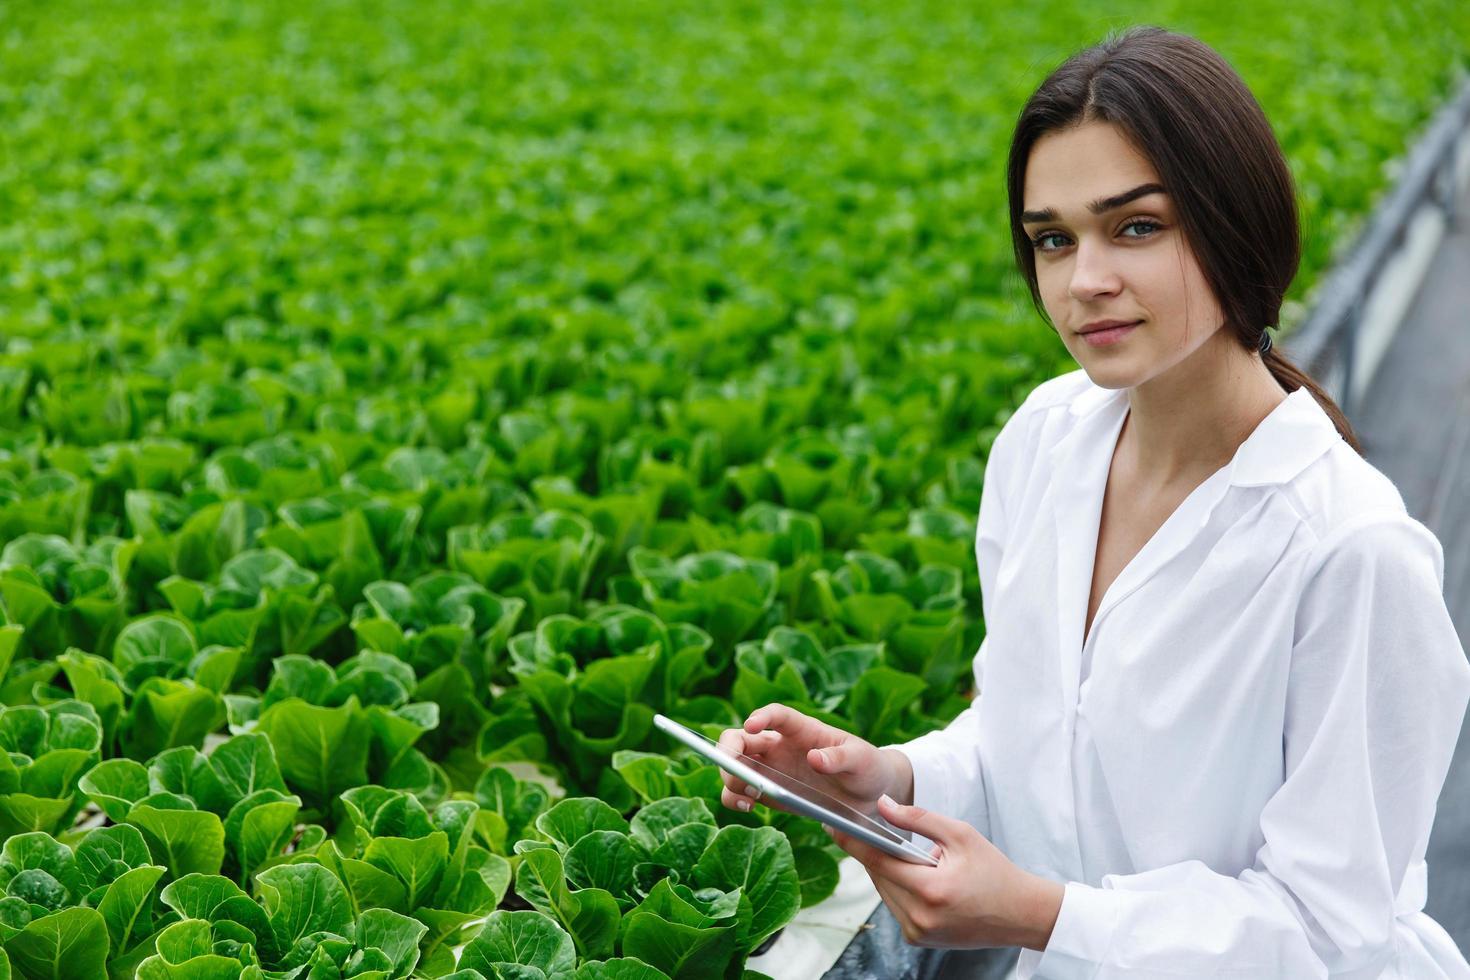 chercheur examine le chou dans la maison verte photo